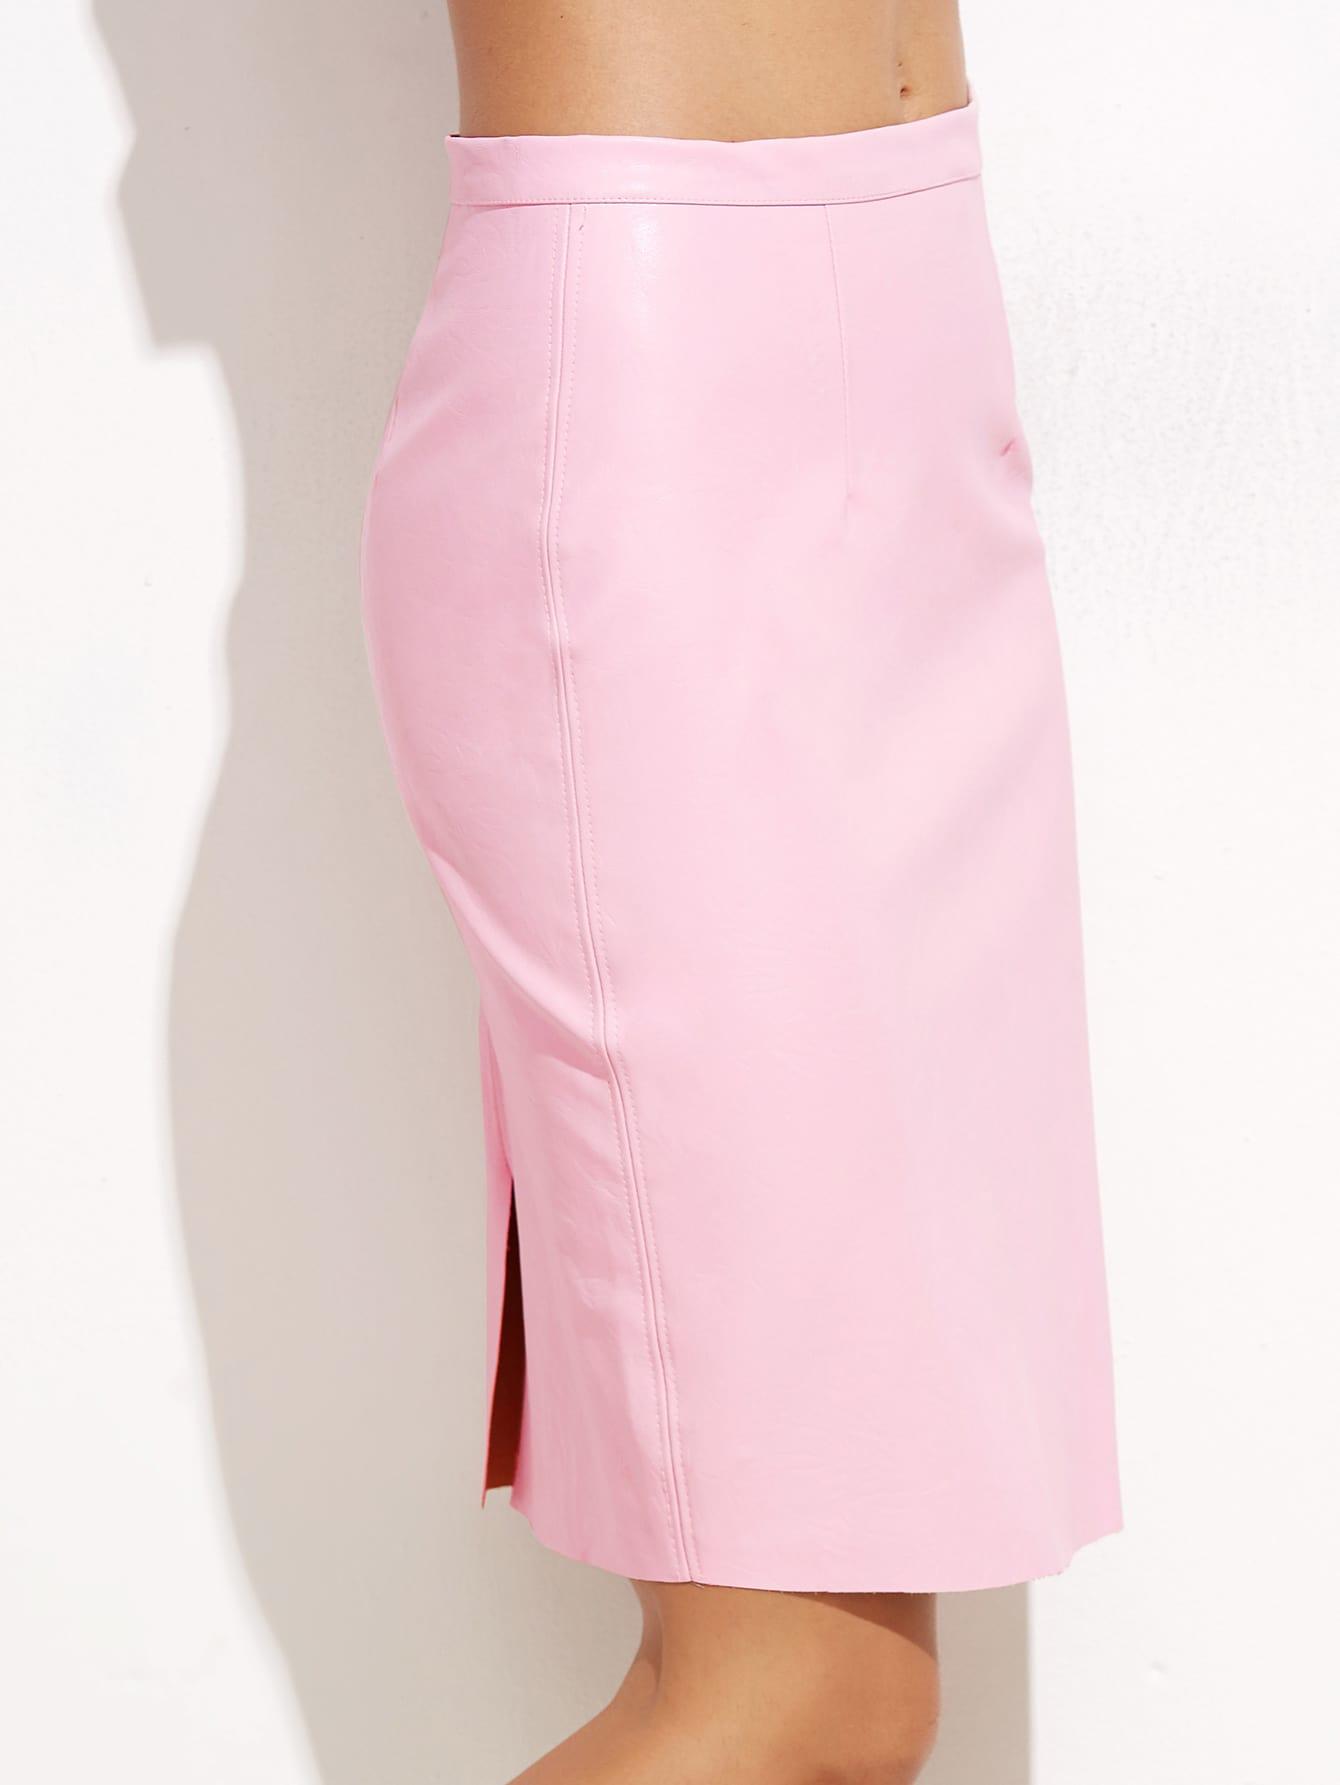 skirt160915001_2